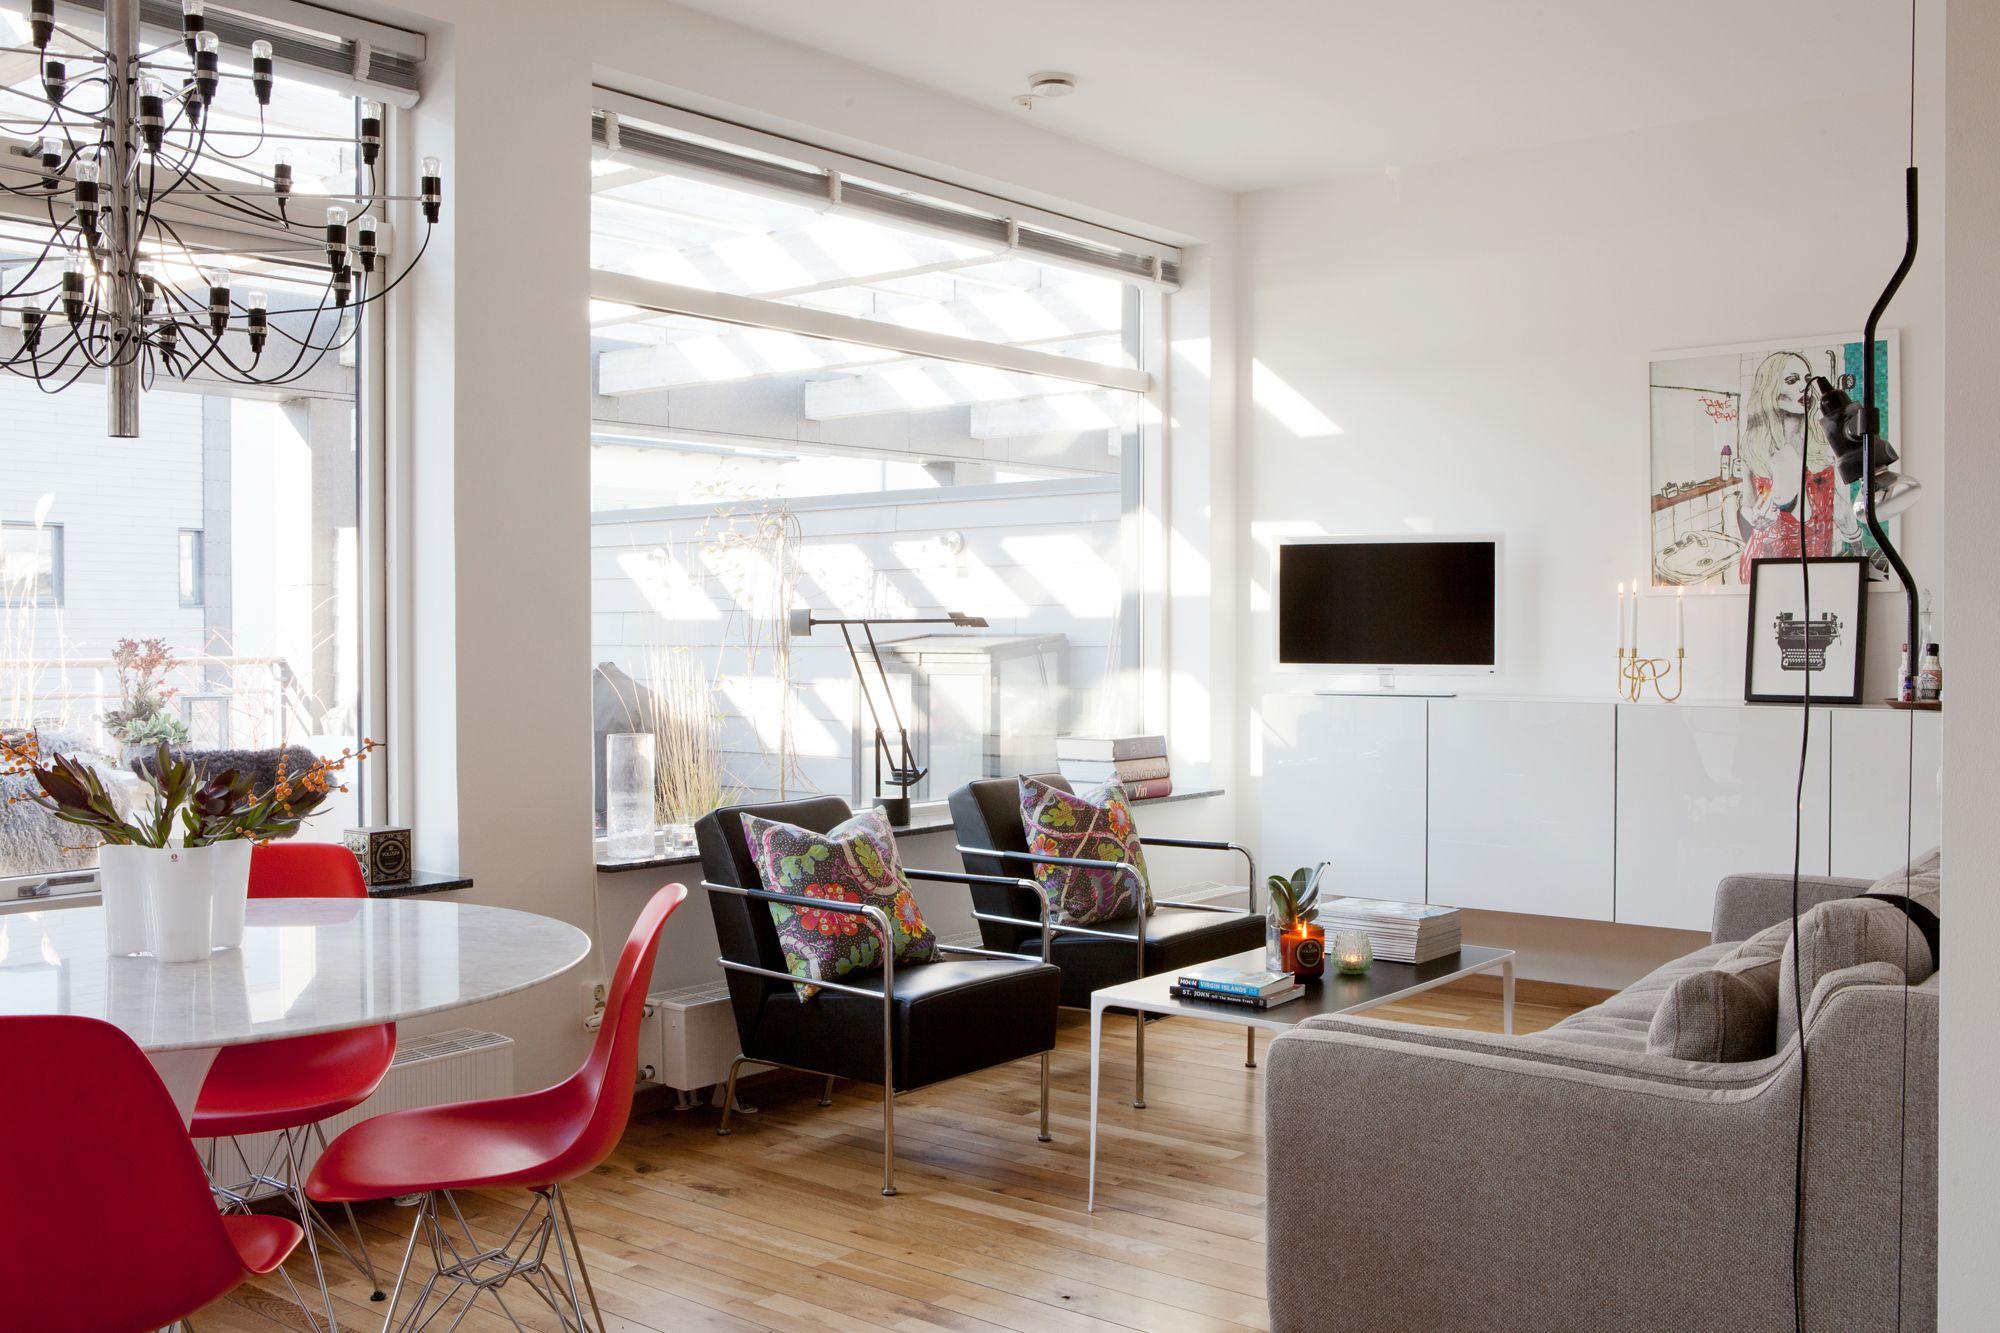 Terrazas de estilo moderno for Decoracion de terrazas de aticos pequenos